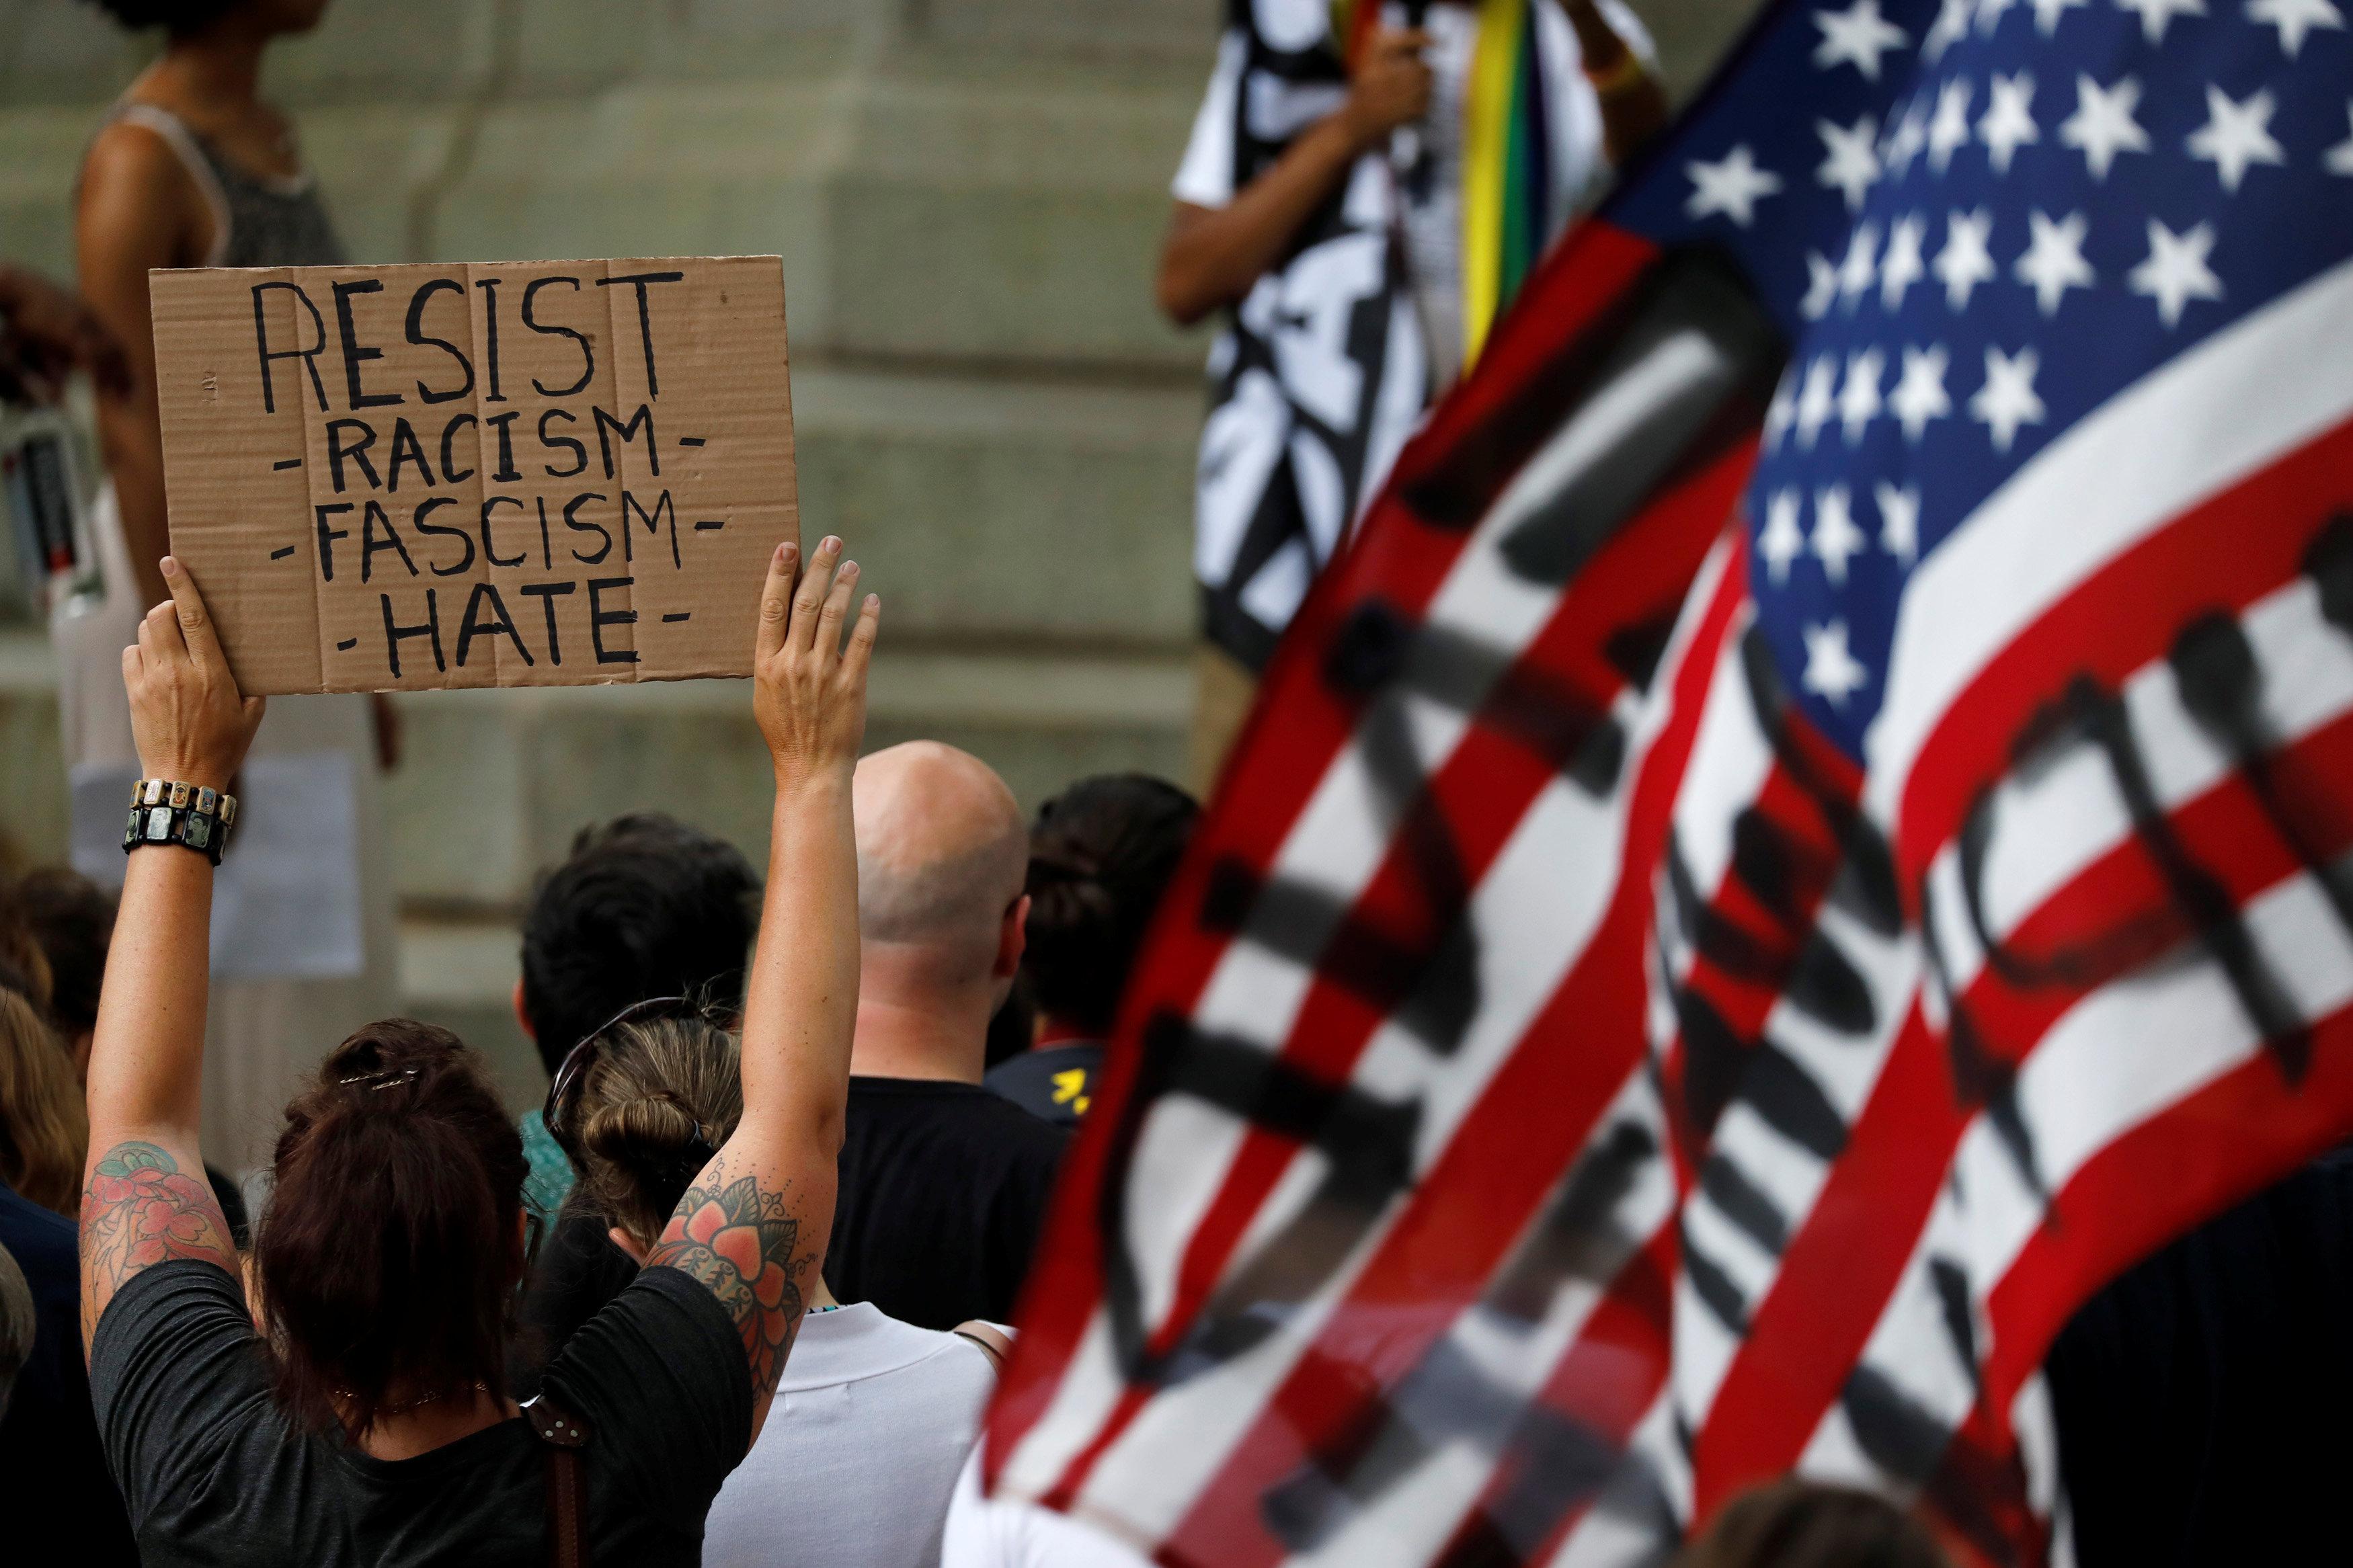 2017-08-18T234212Z_1363471393_RC15AD5E49E0_RTRMADP_3_USA-PROTESTS-STATUES